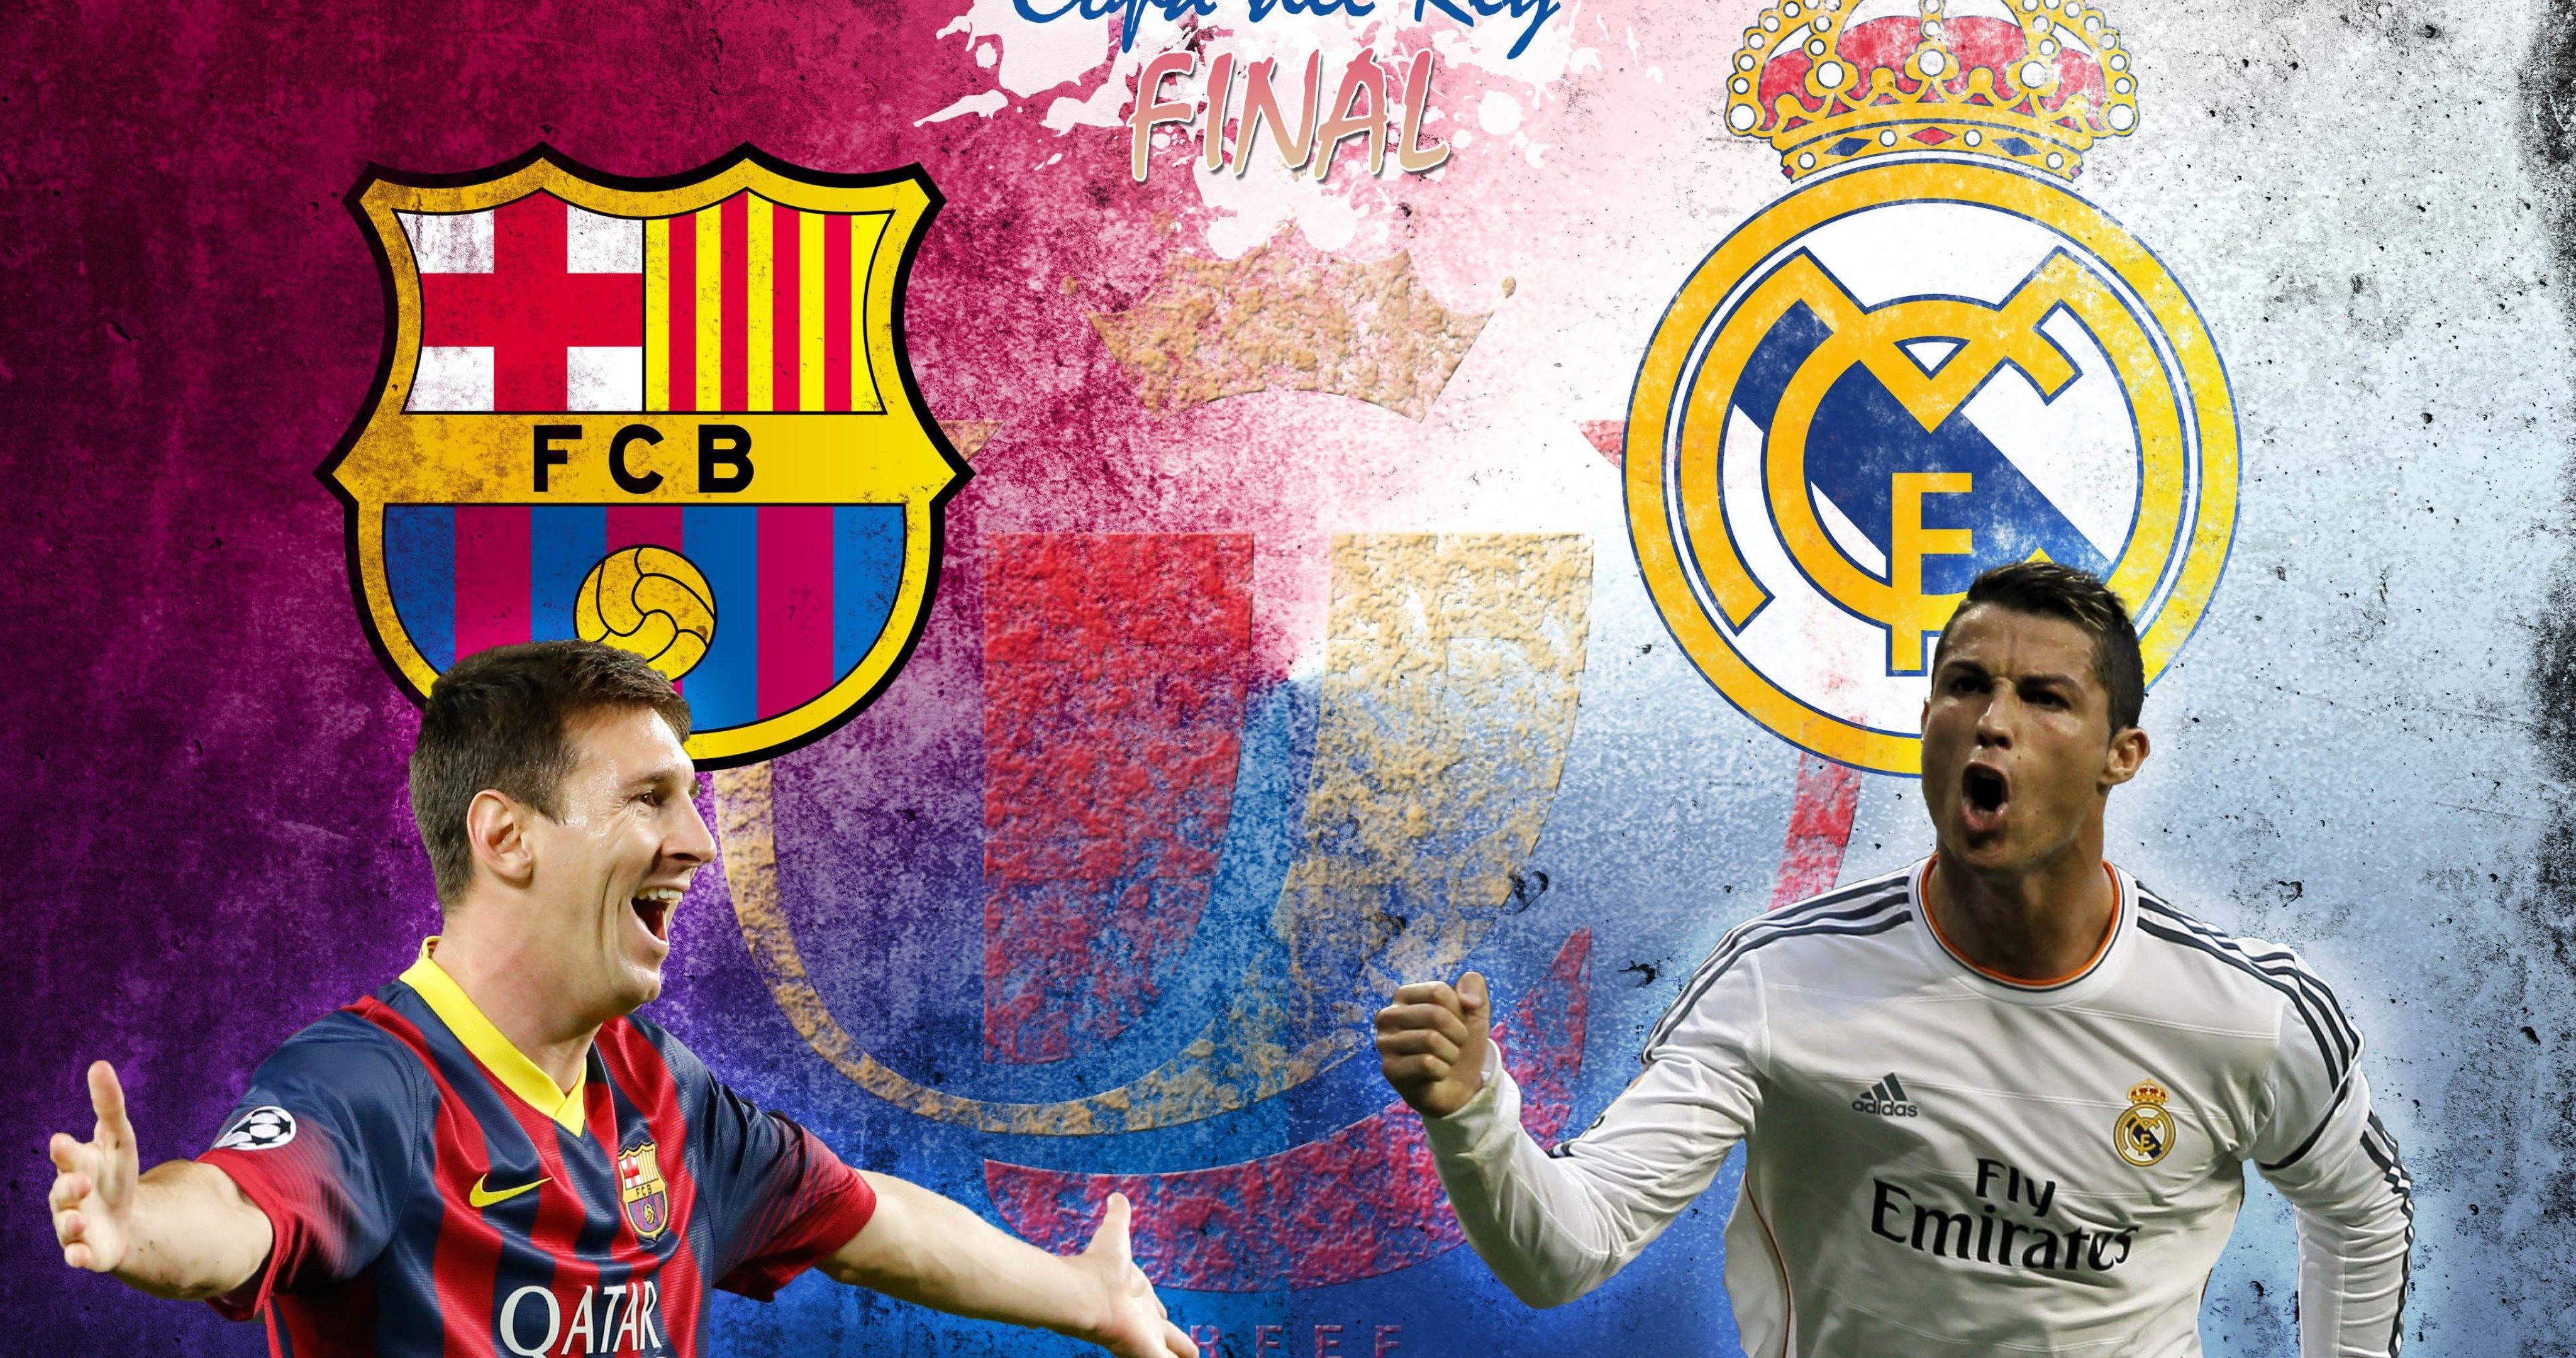 Ronaldo And Messi 4k Desktop Wallpapers Wallpaper Cave